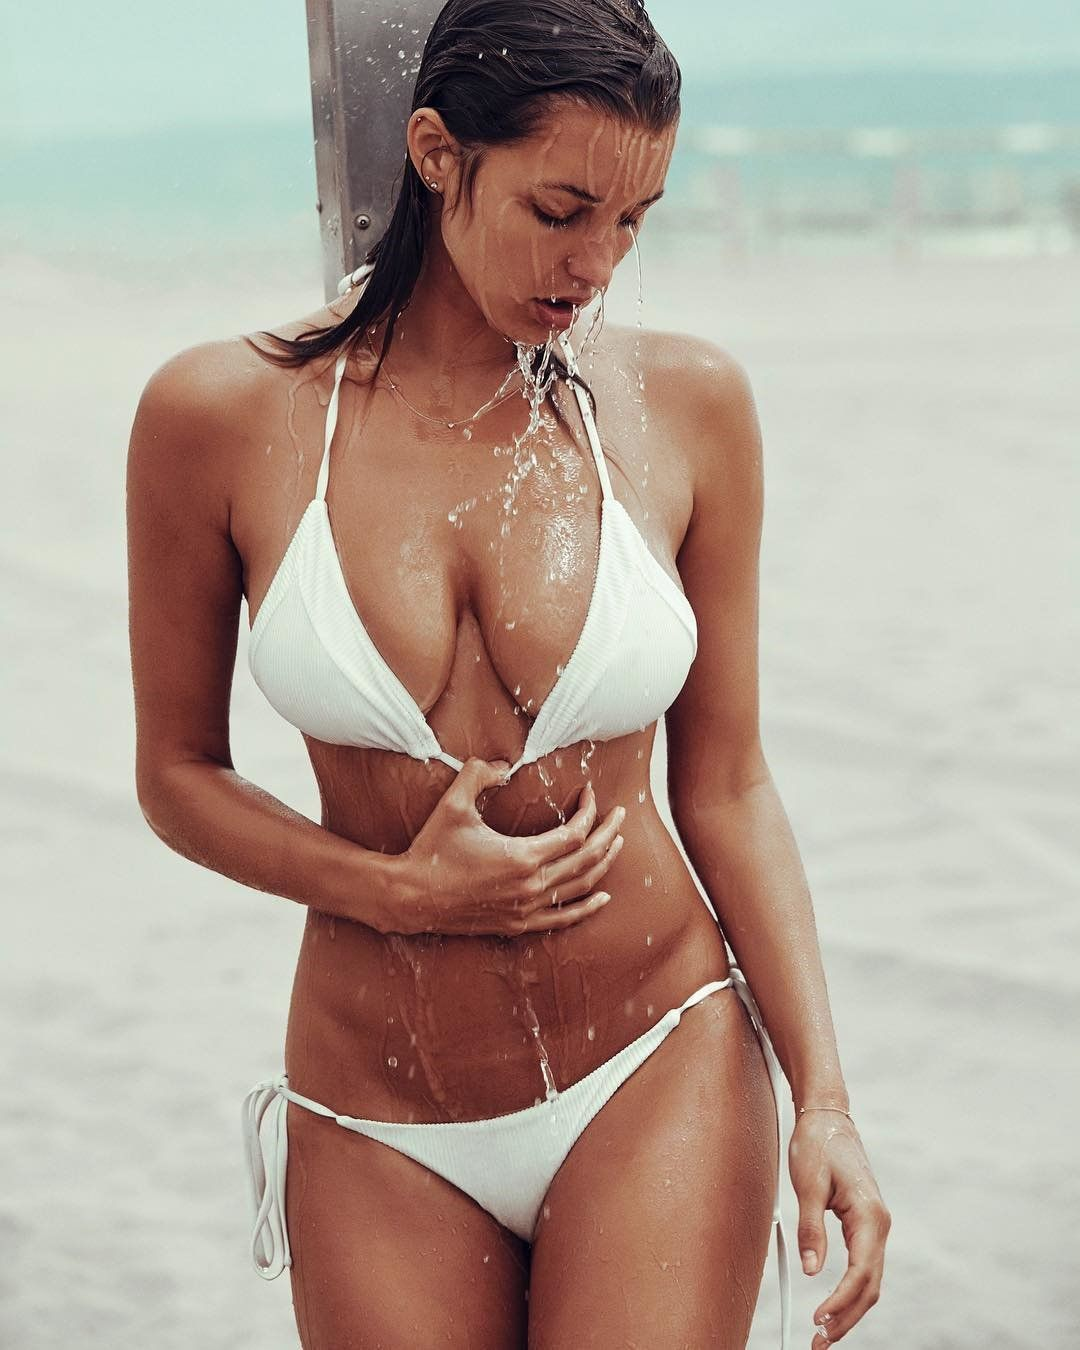 Perfect celeb boob